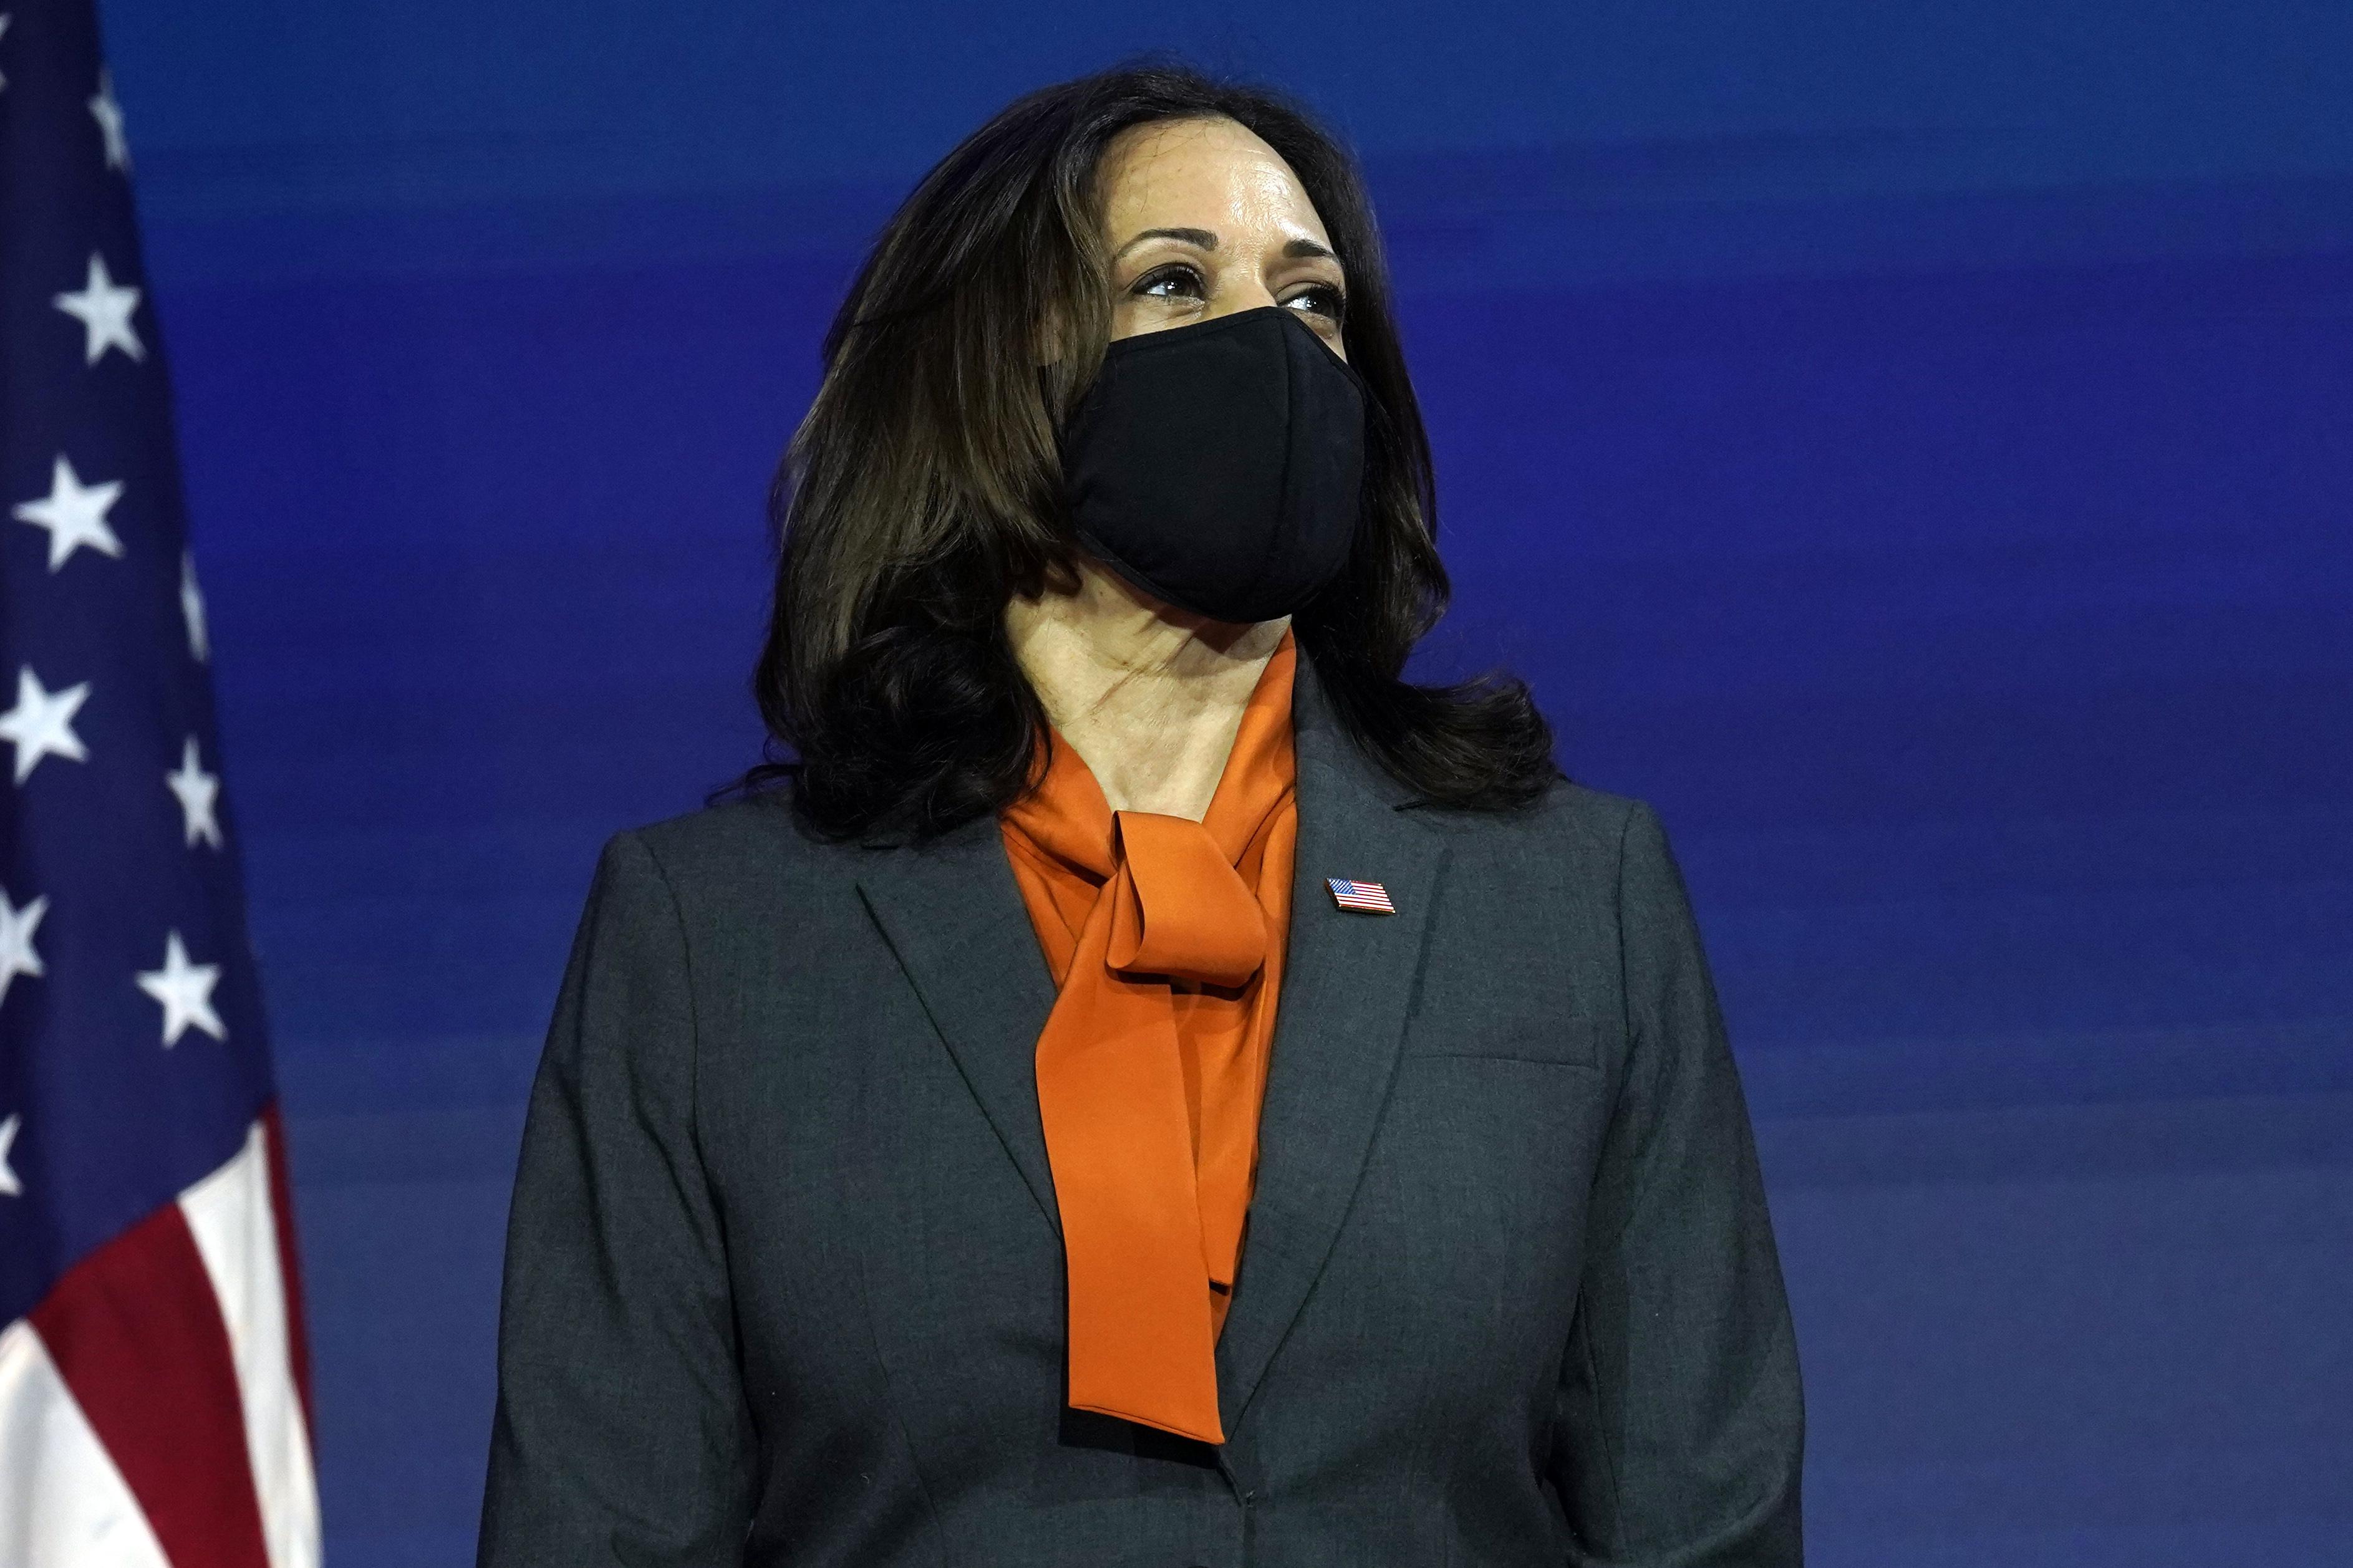 Nov. 9, 2020 during election Biden win celebration wearing white Carolina Herrera pantsuit.